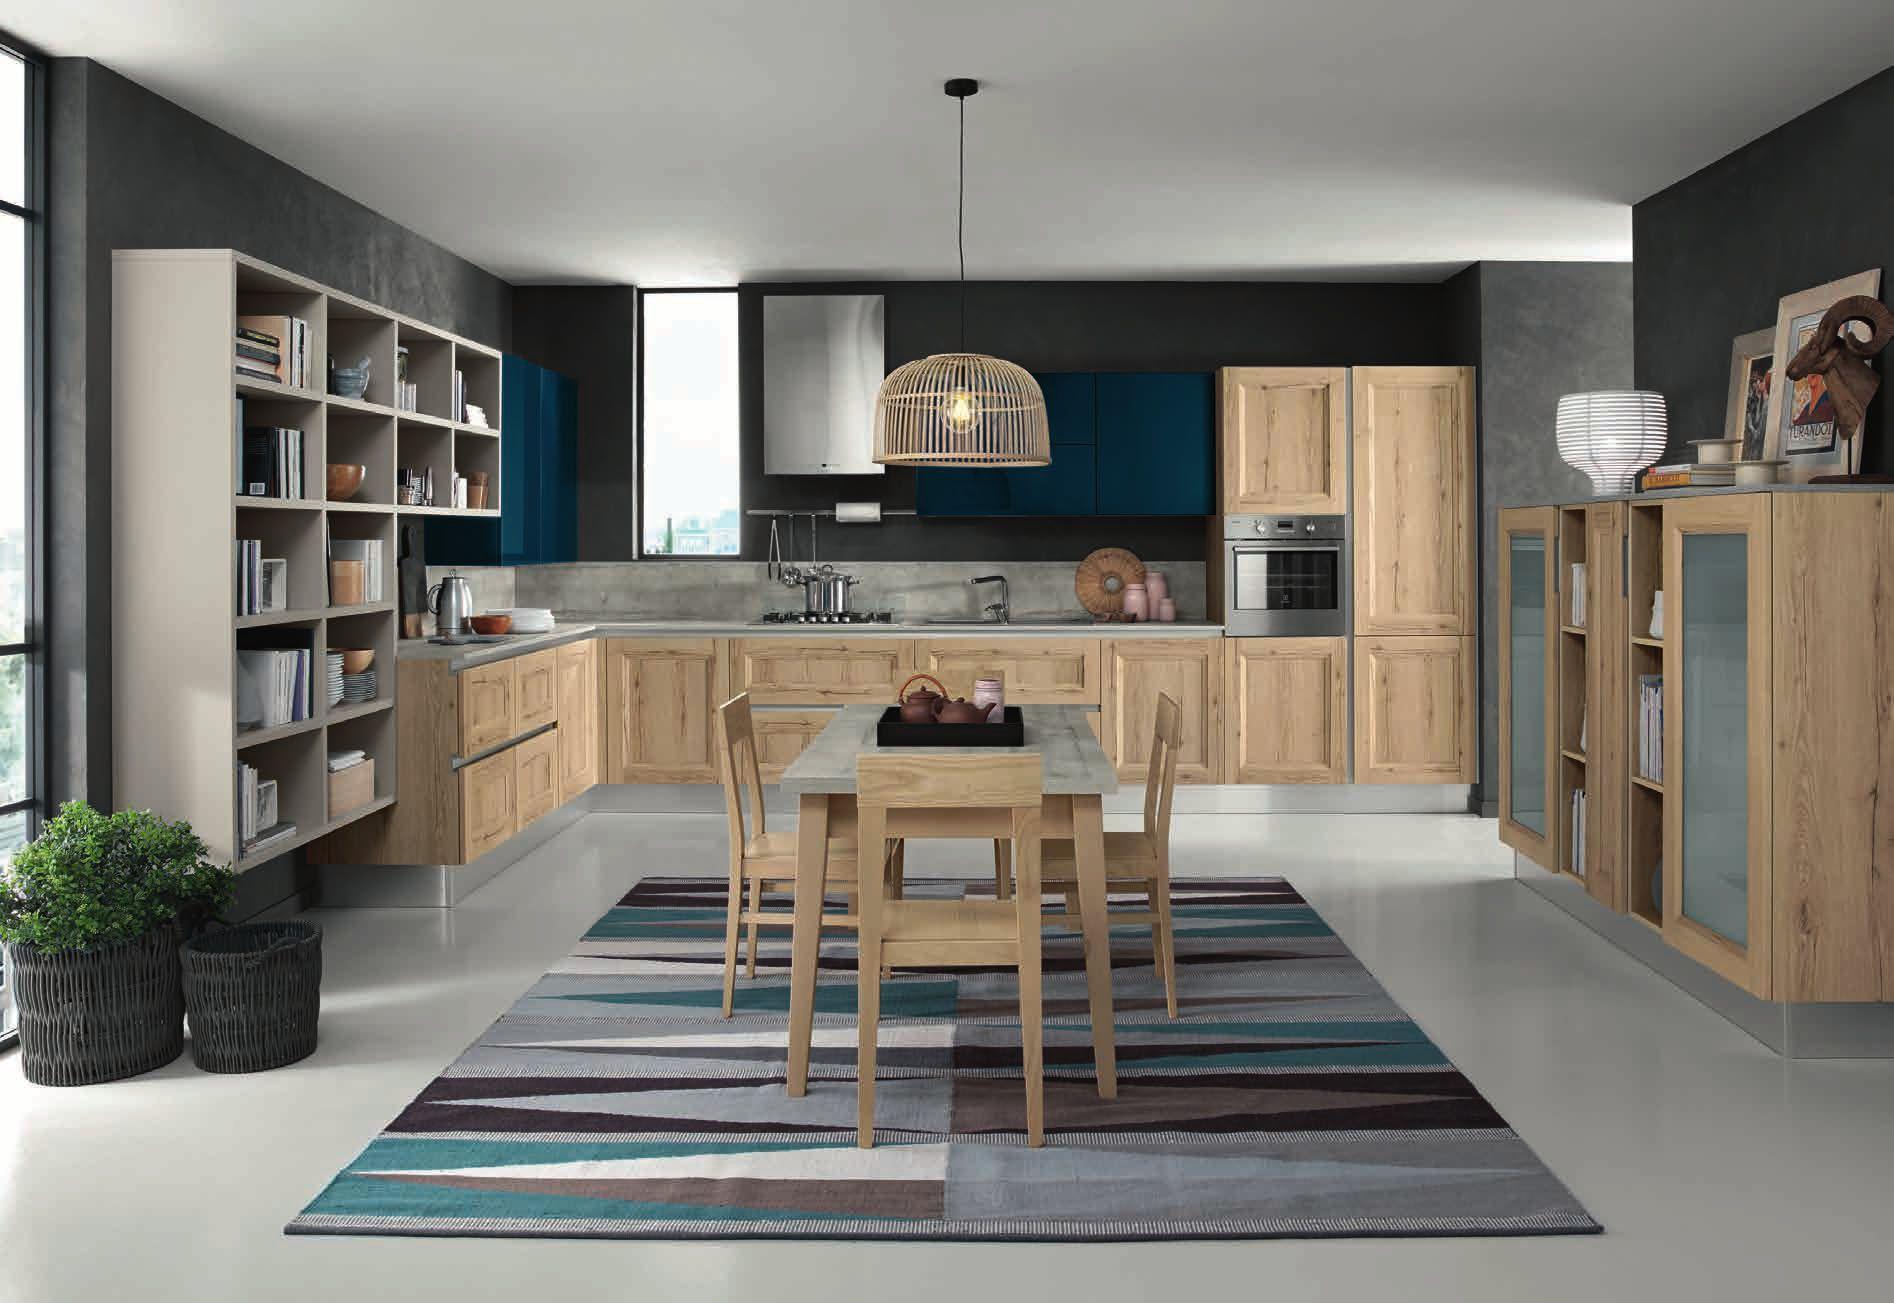 Κουζίνα Lamitex σε φυσικο ξυλο χρωματισμο και γυαλιστερή λακα πετρολ με παγκο υφη τσιμεντου